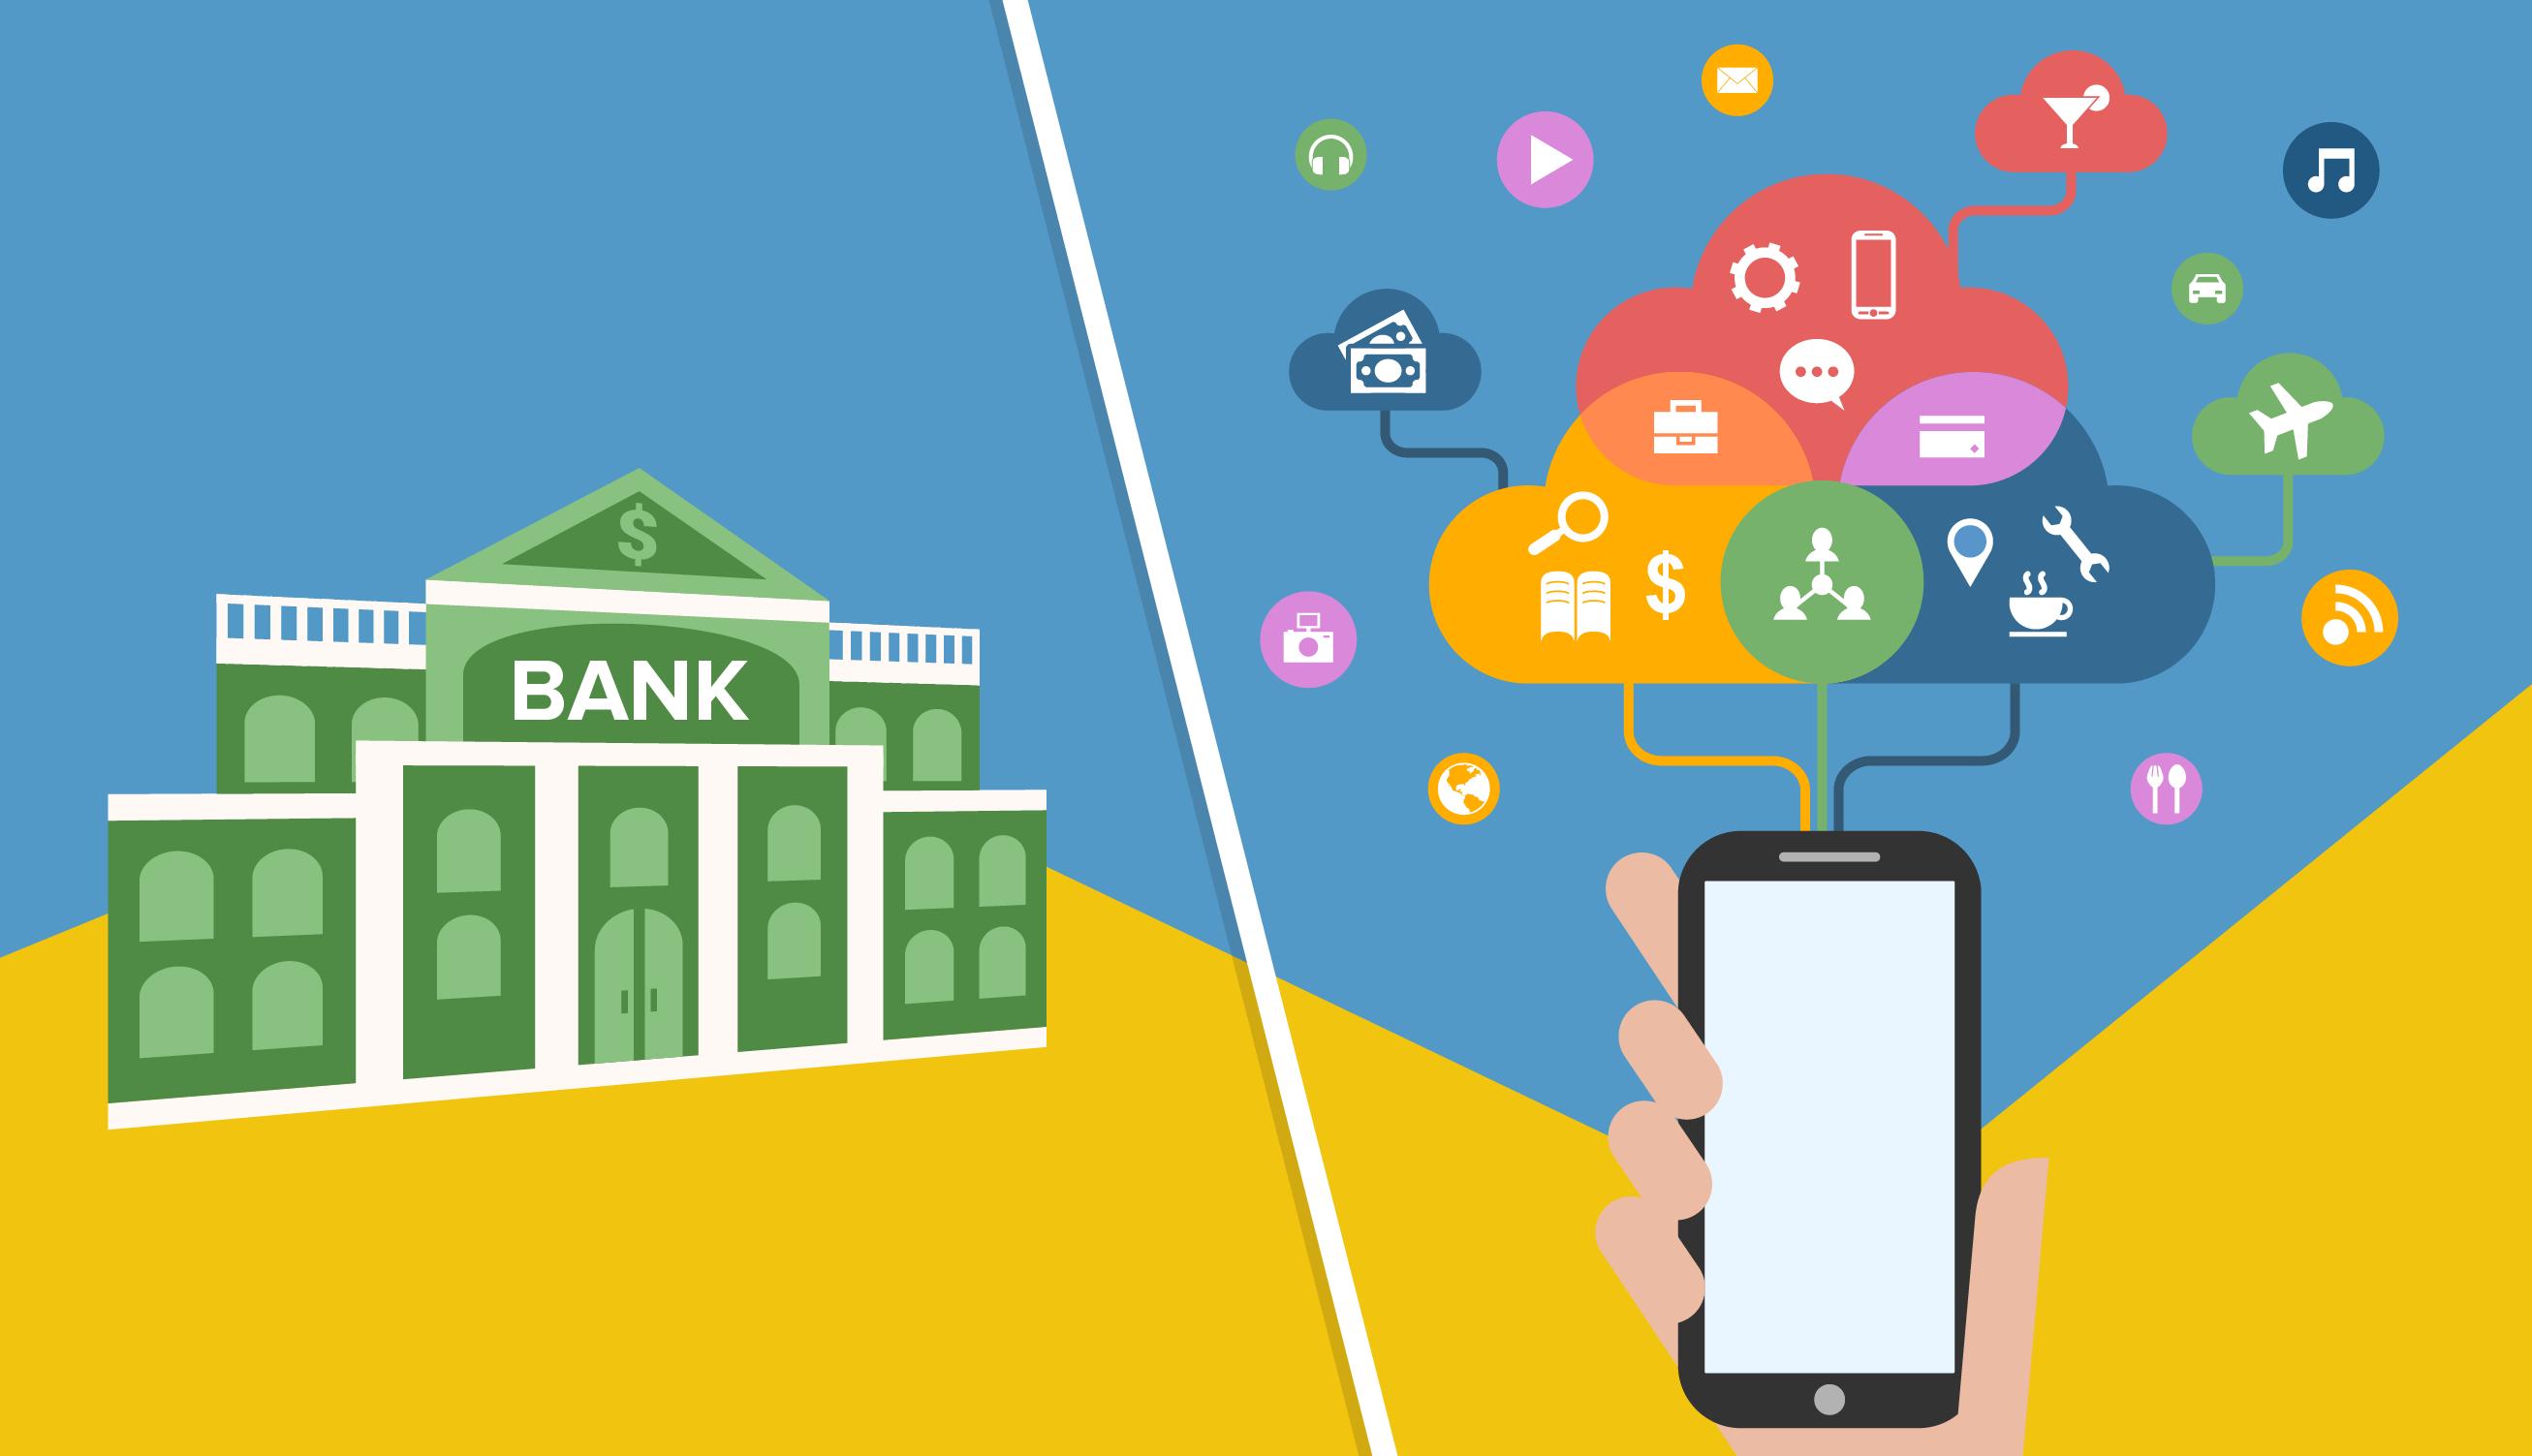 bank blockchain technology fintech transactions